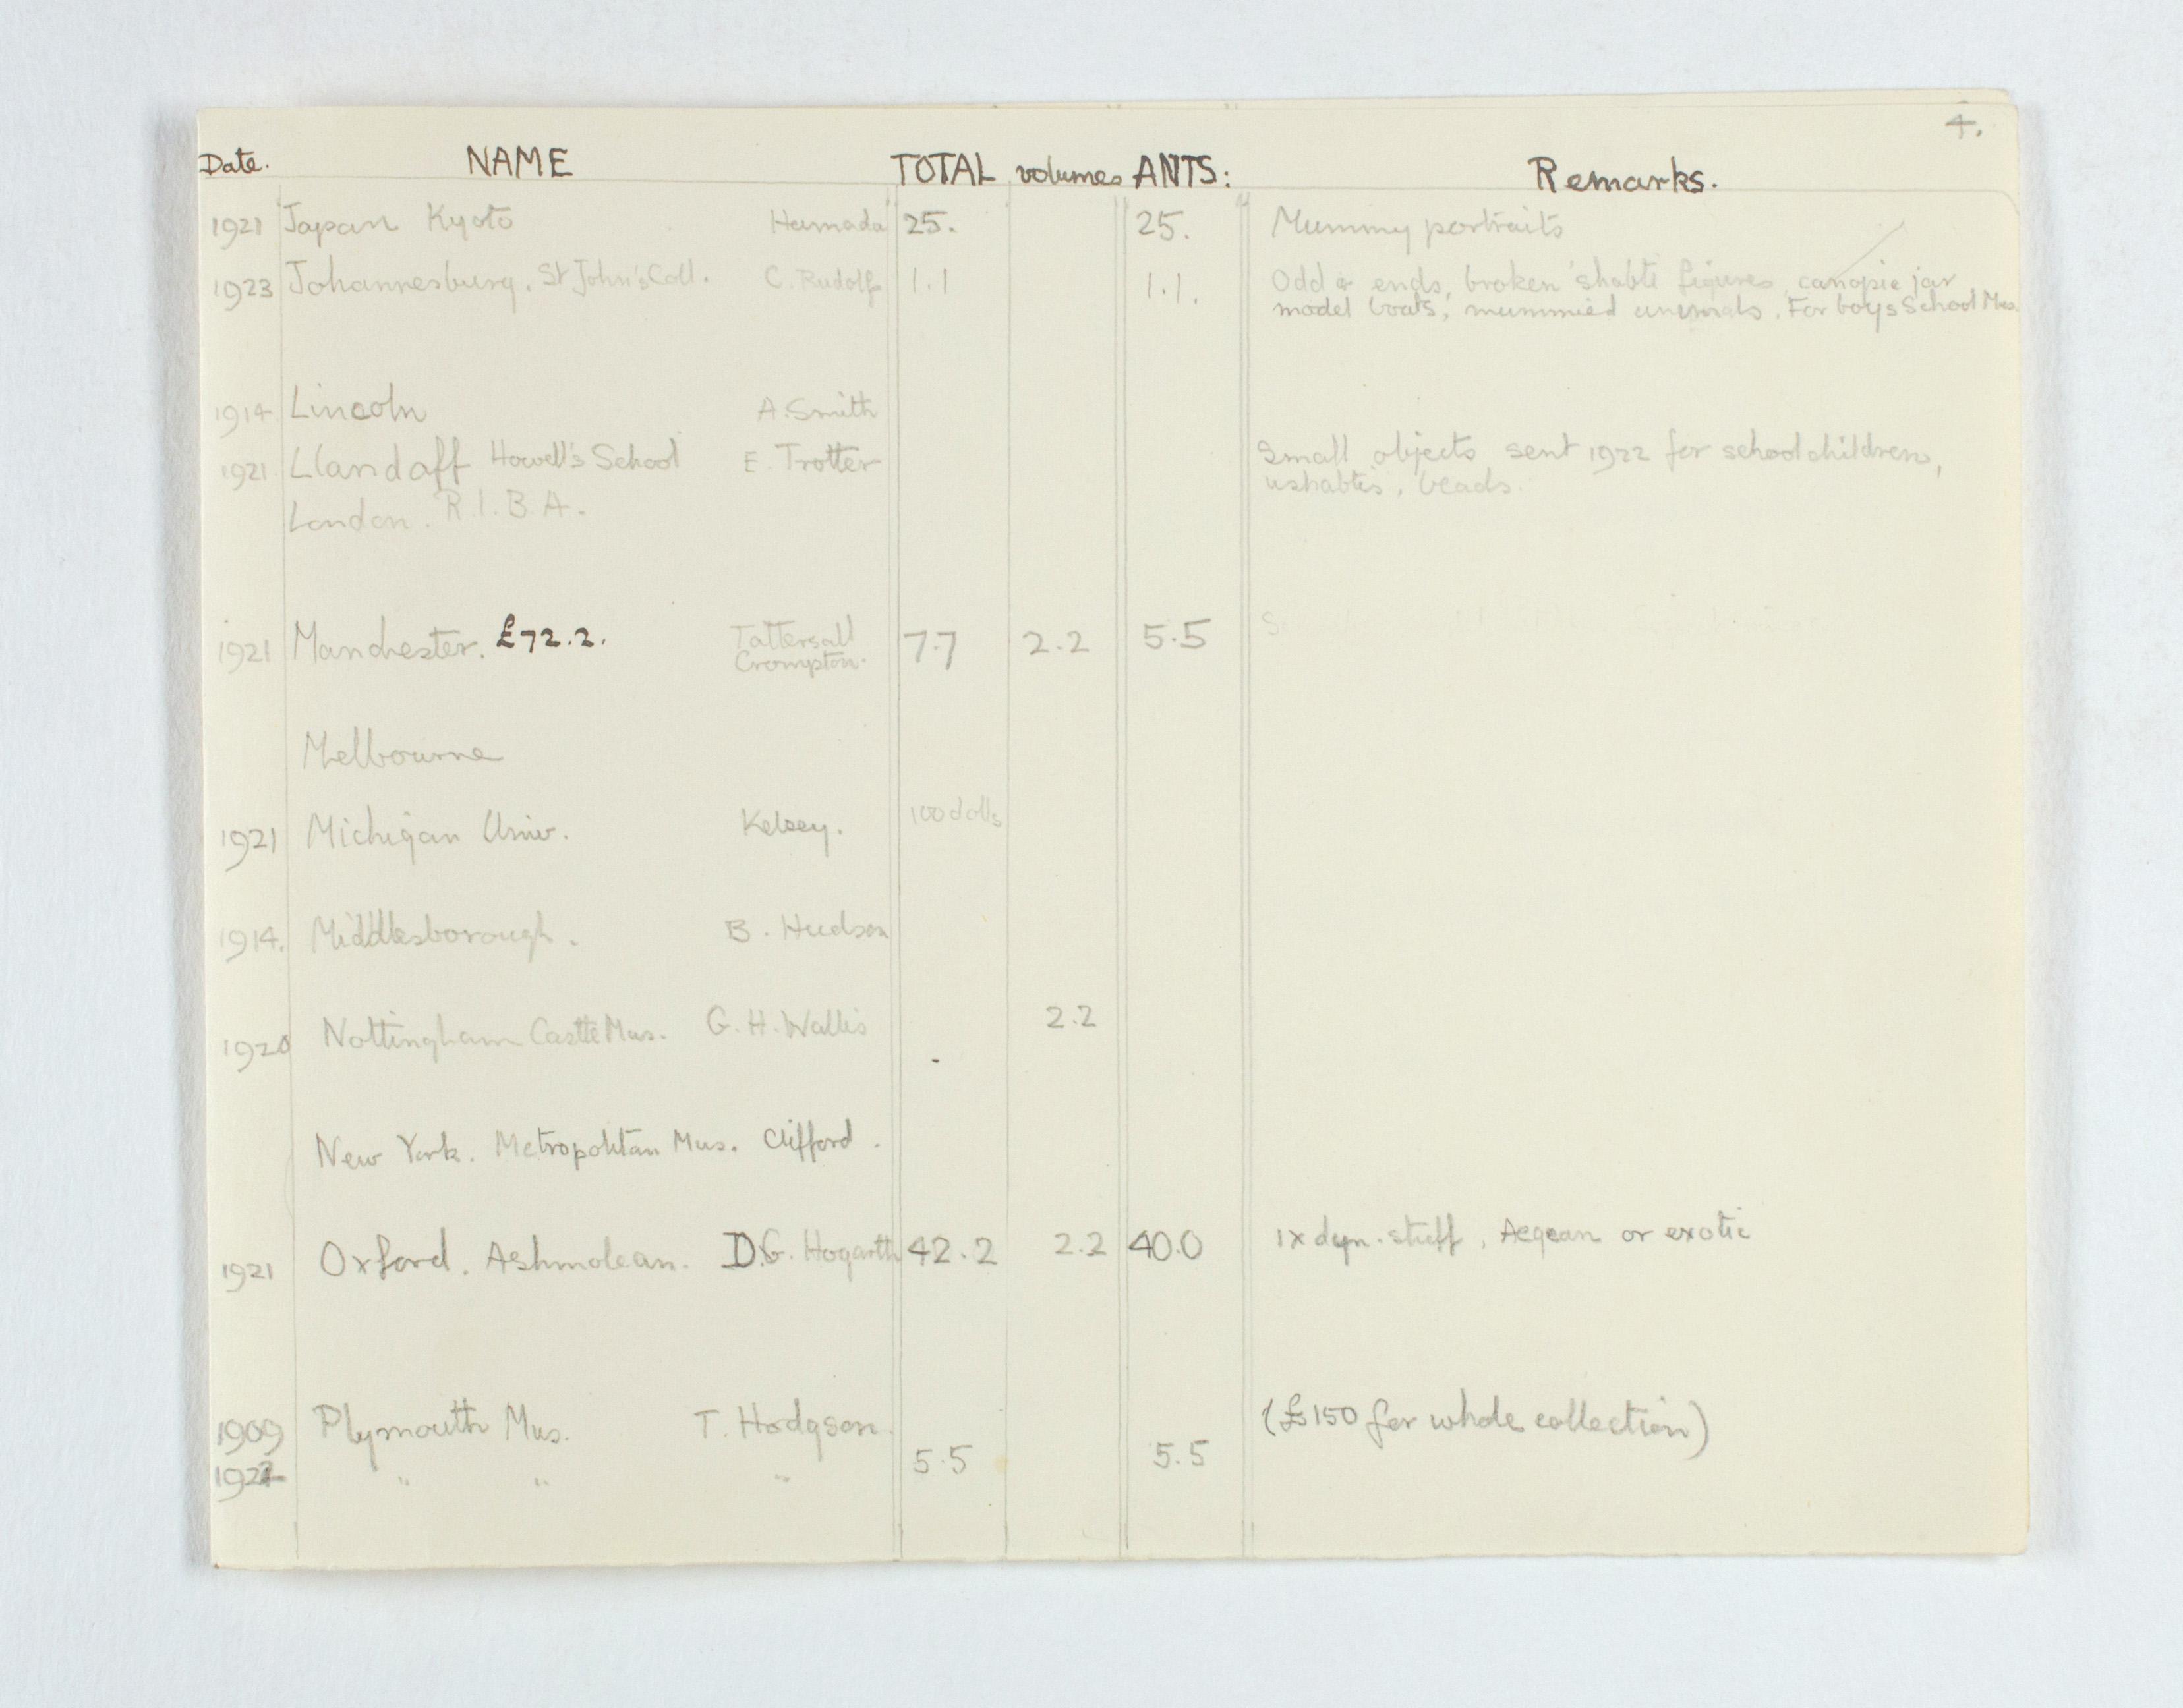 1922-23 Qau el-Kebir Multiple institution list PMA/WFP1/D/26/25.5